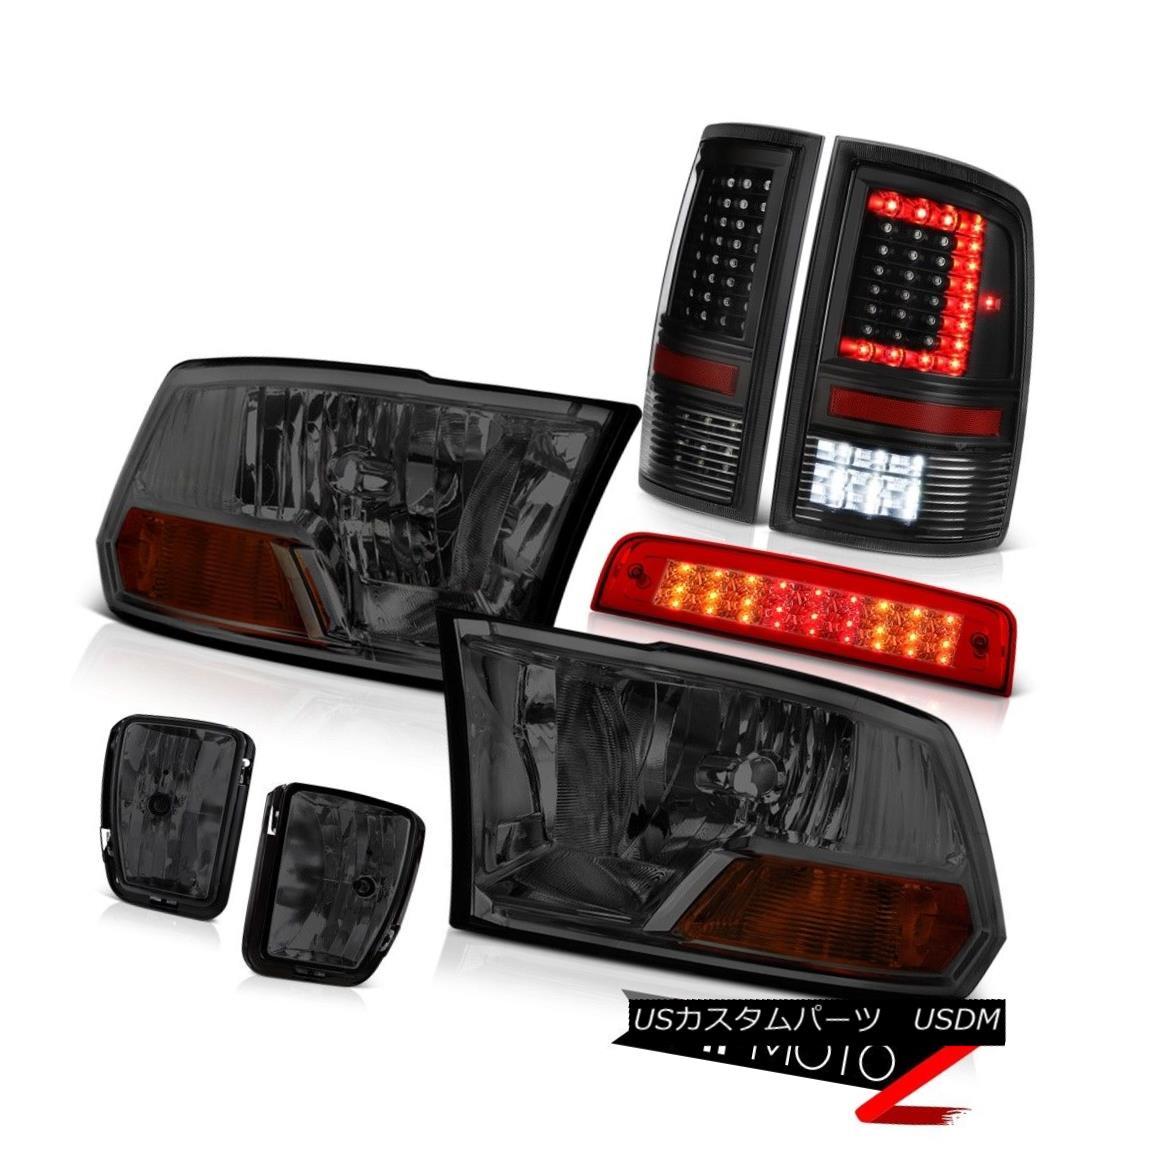 テールライト 2013-2018 RAM 1500 Tail Light Third Brake Fog Lamp Factory Style Headlamp SET 2013-2018 RAM 1500テールライト第3ブレーキフォグランプ工場風ヘッドランプSET